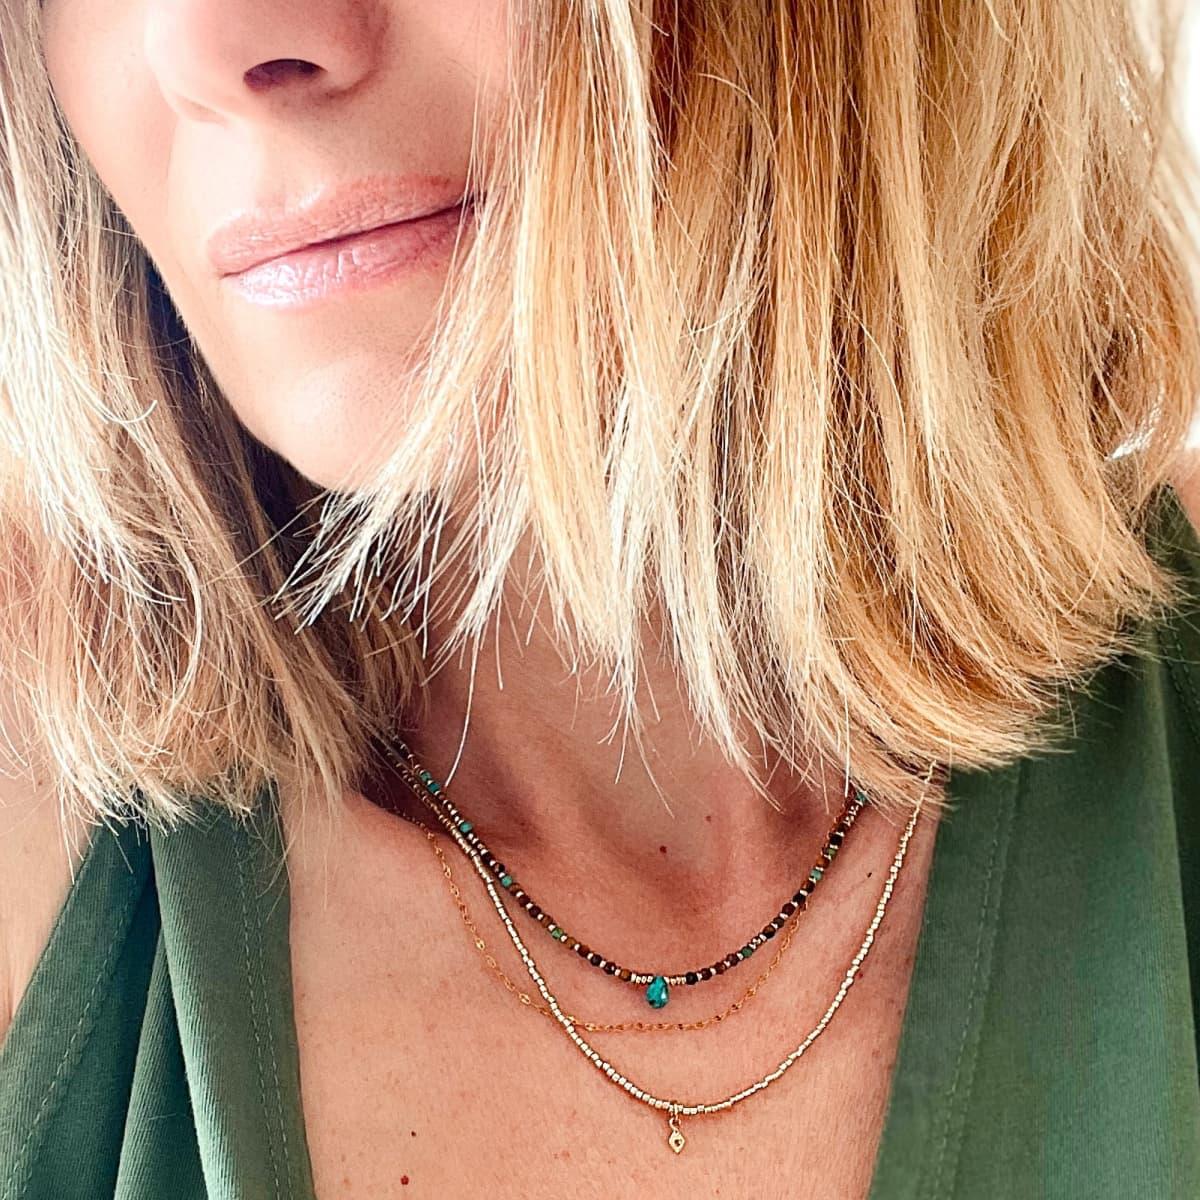 collier femme Anna turquoise porté